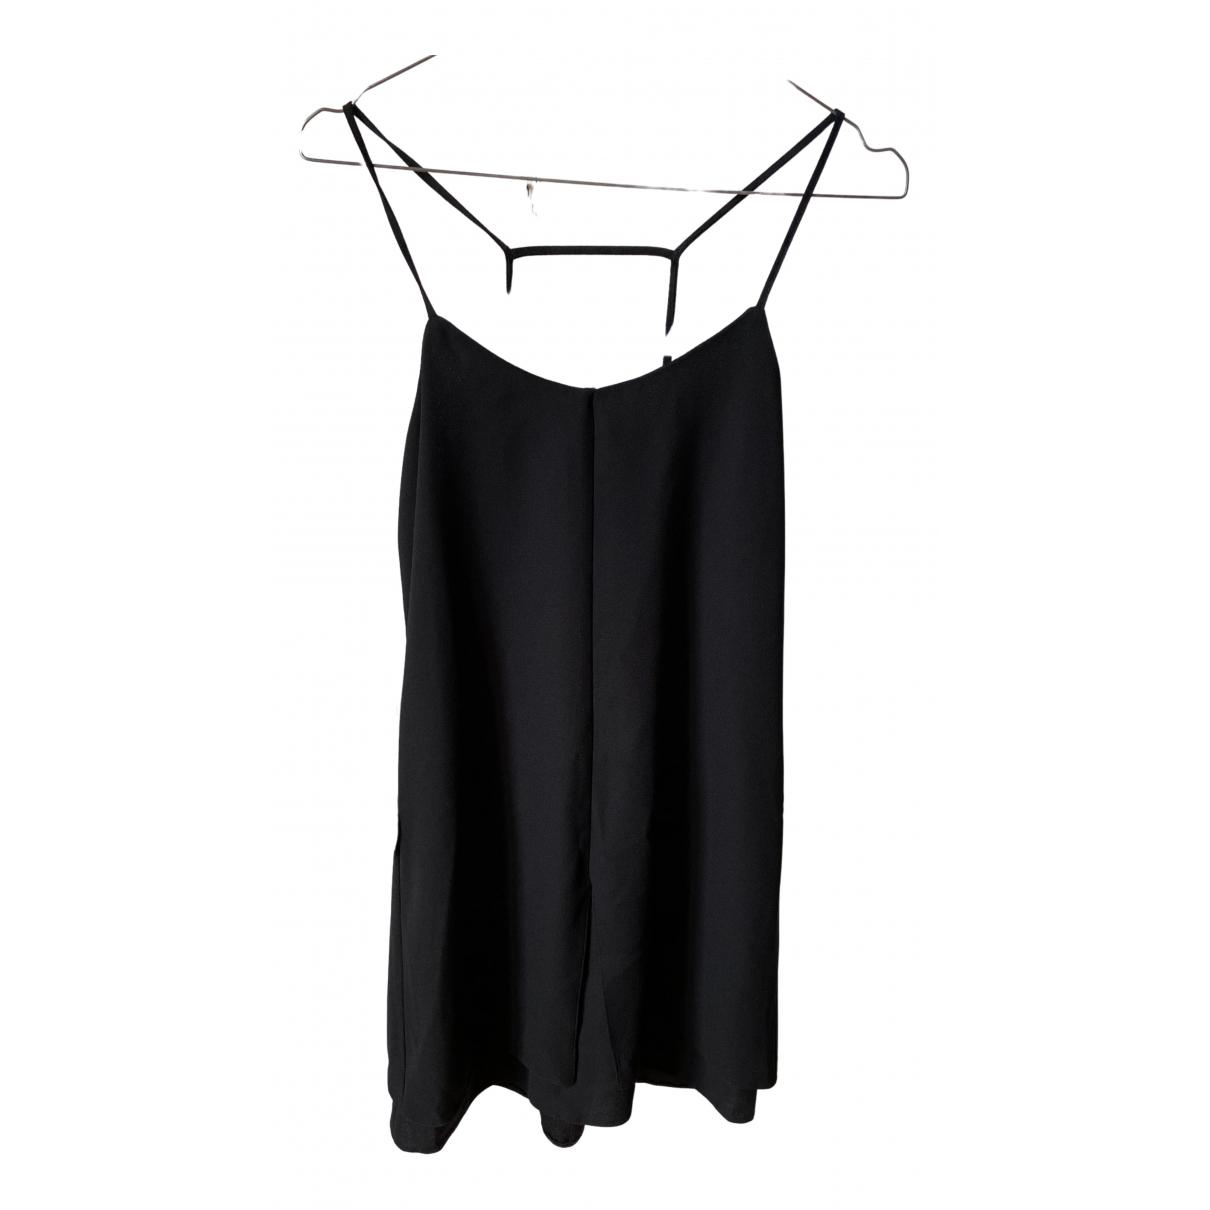 tophop \N Black dress for Women 34 FR